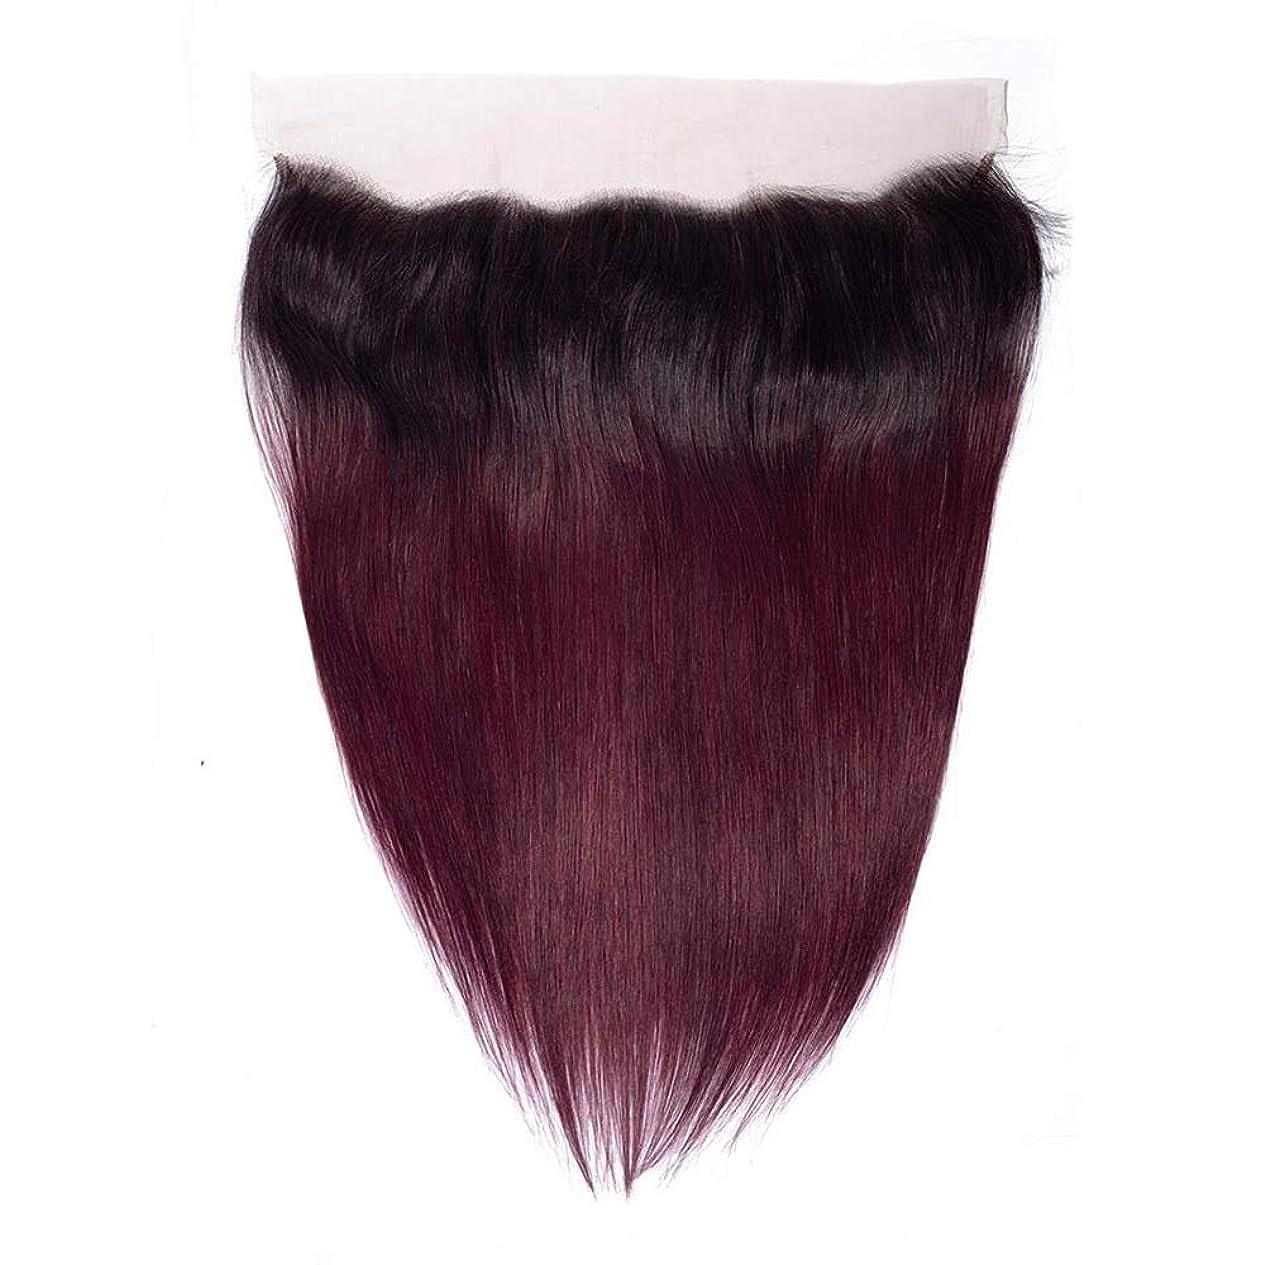 規範上院議員銀行HOHYLLYA 13×4ディープフリーパートストレートレース閉鎖ブラジル人間の髪の毛の閉鎖1B / 99J 2トーンナチュラル探して短いかつらかつら (色 : ワインレッド, サイズ : 8 inch)